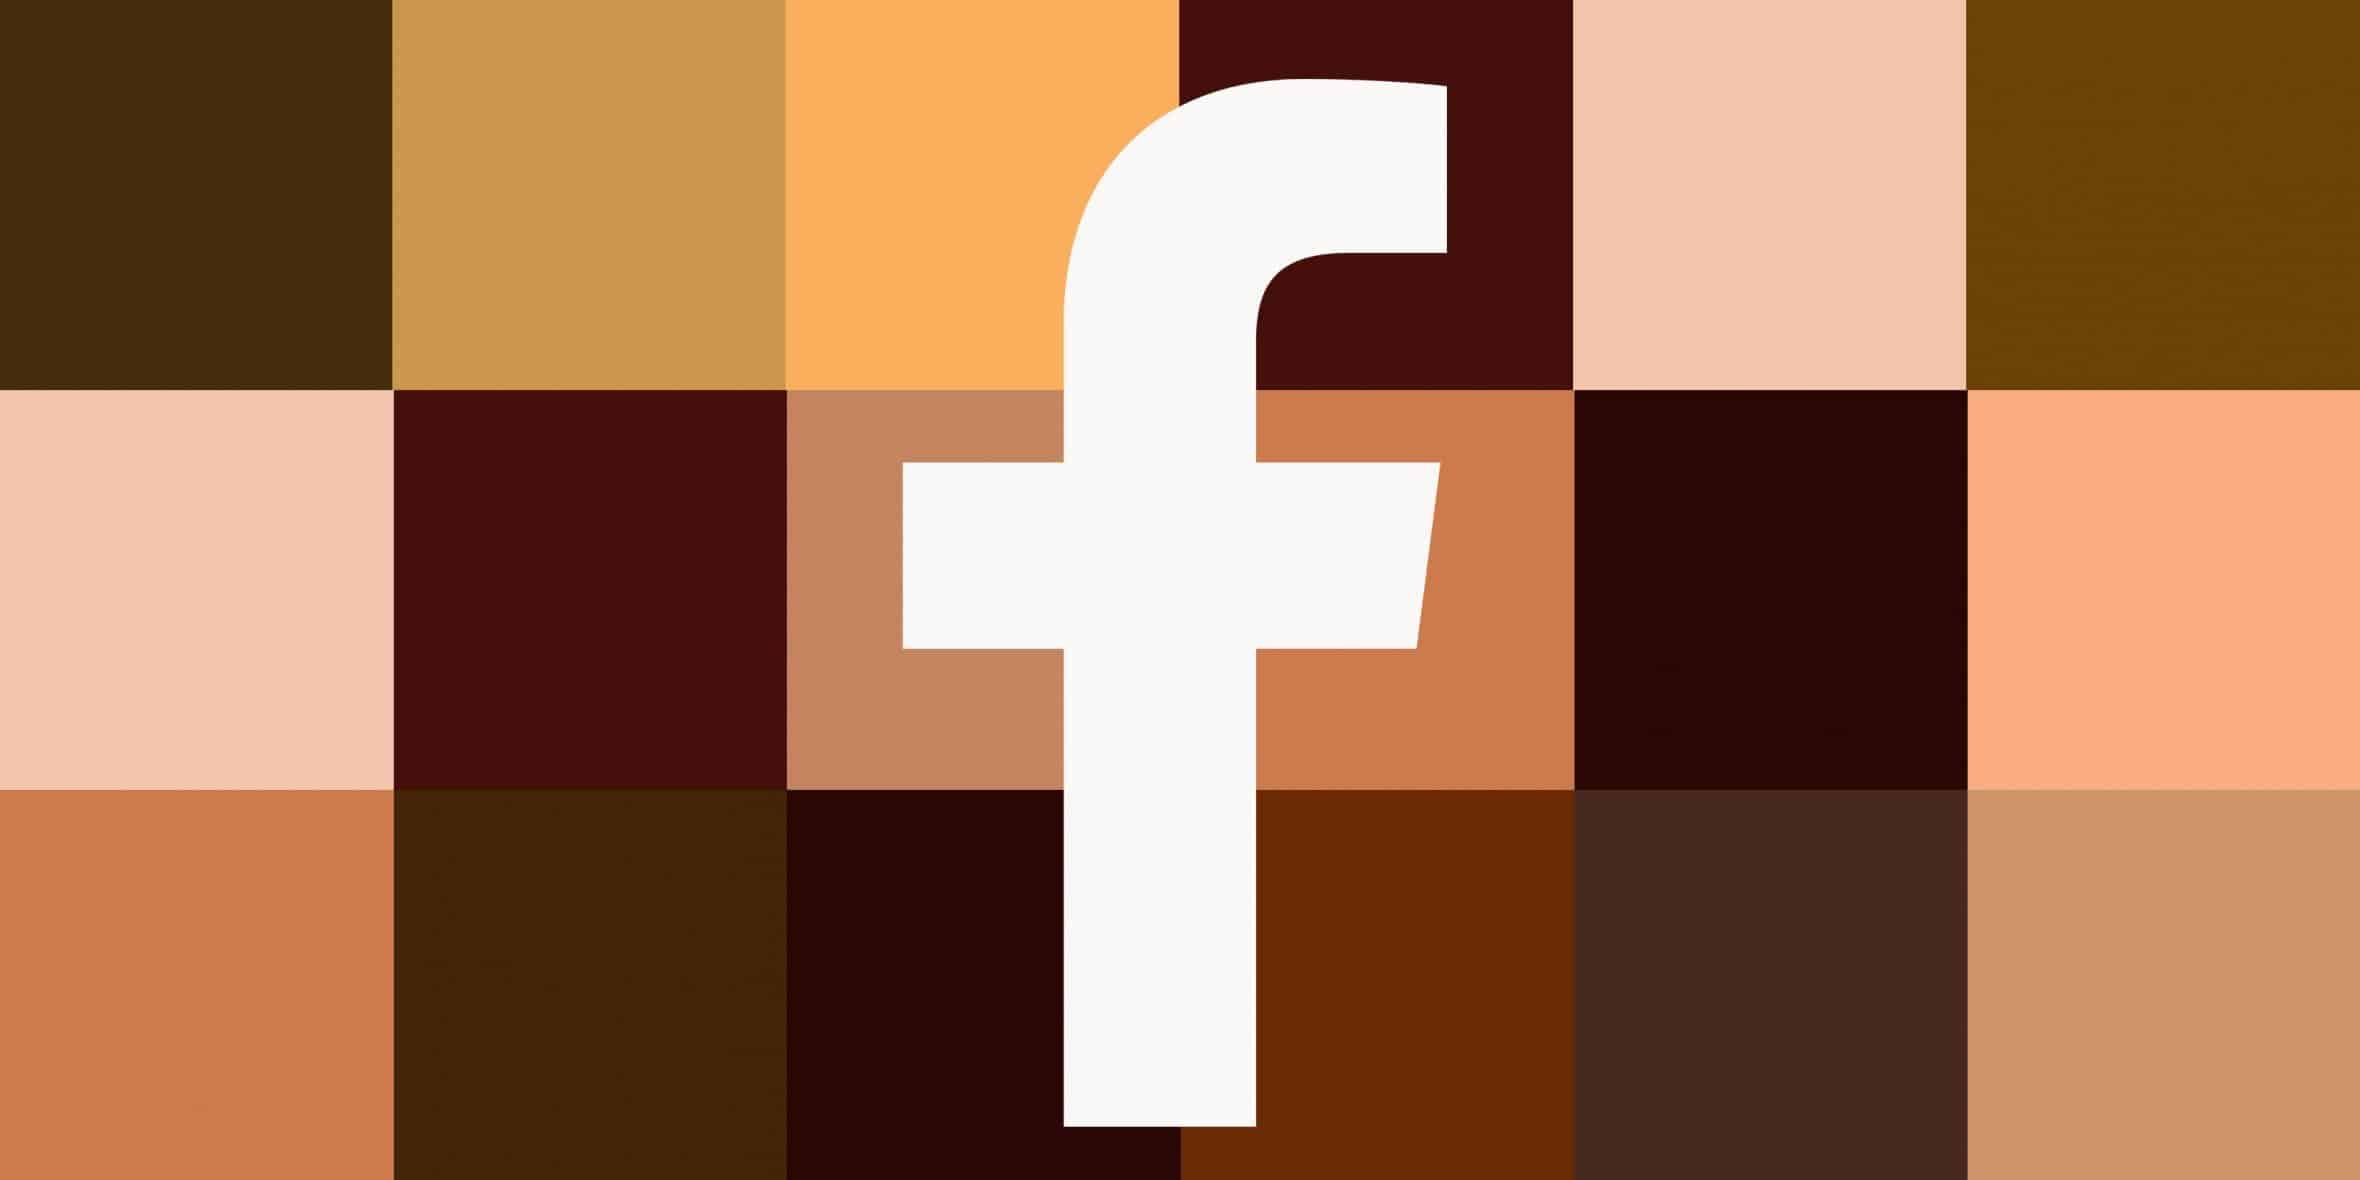 خوارزمية فيسبوك للإعلانات تميز بين المستخدمين على أساس الجنس والعرق